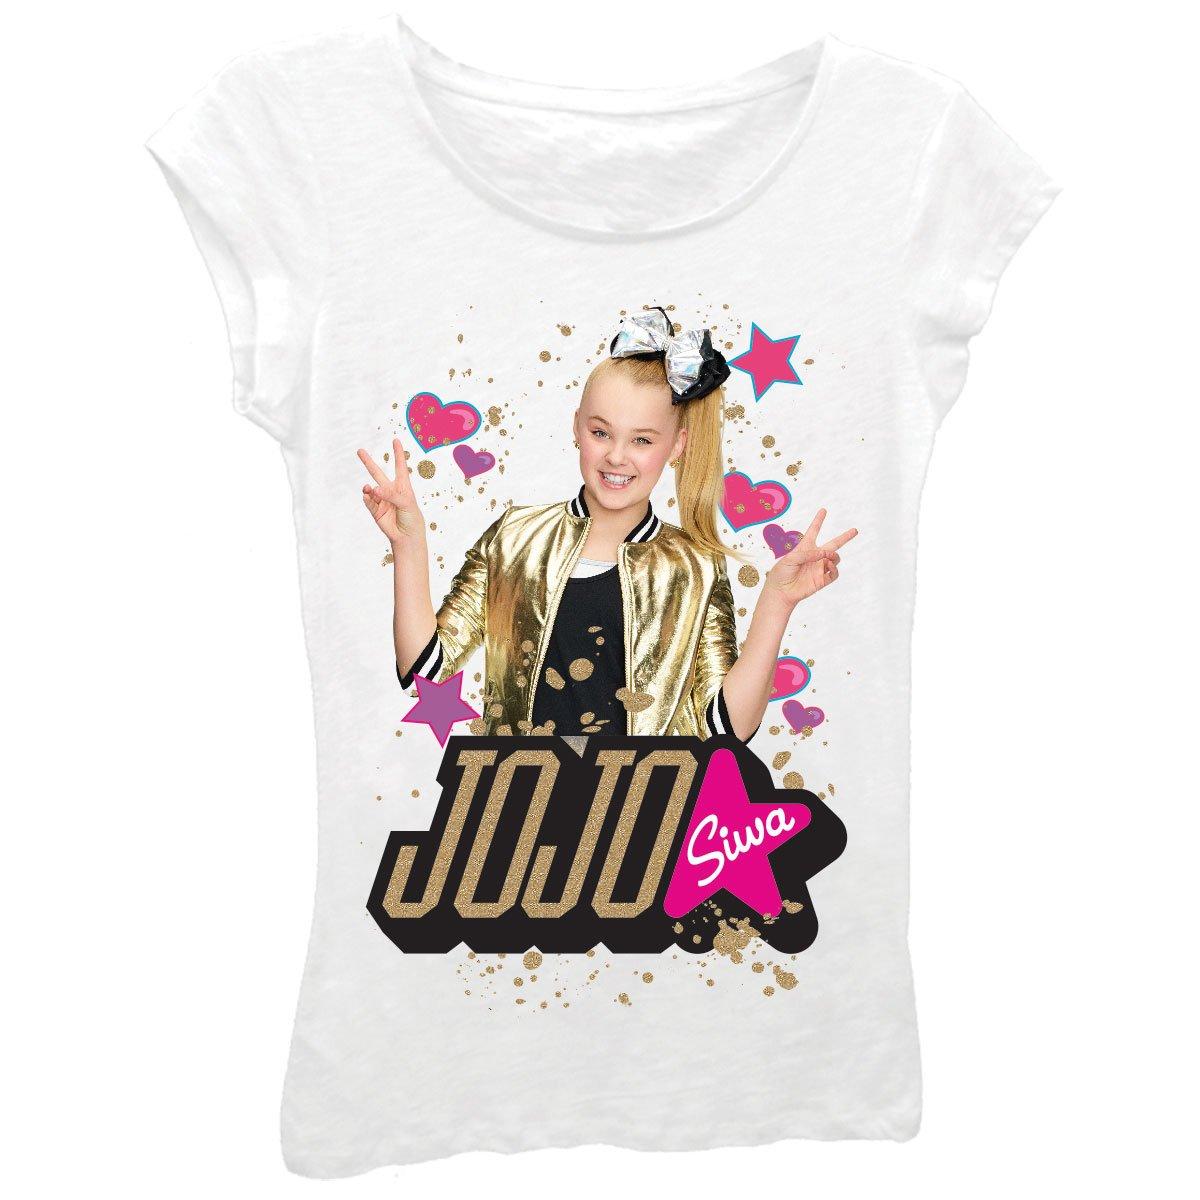 Nickelodeon JoJo Siwa Star Girls Shirt Sizes 7-16